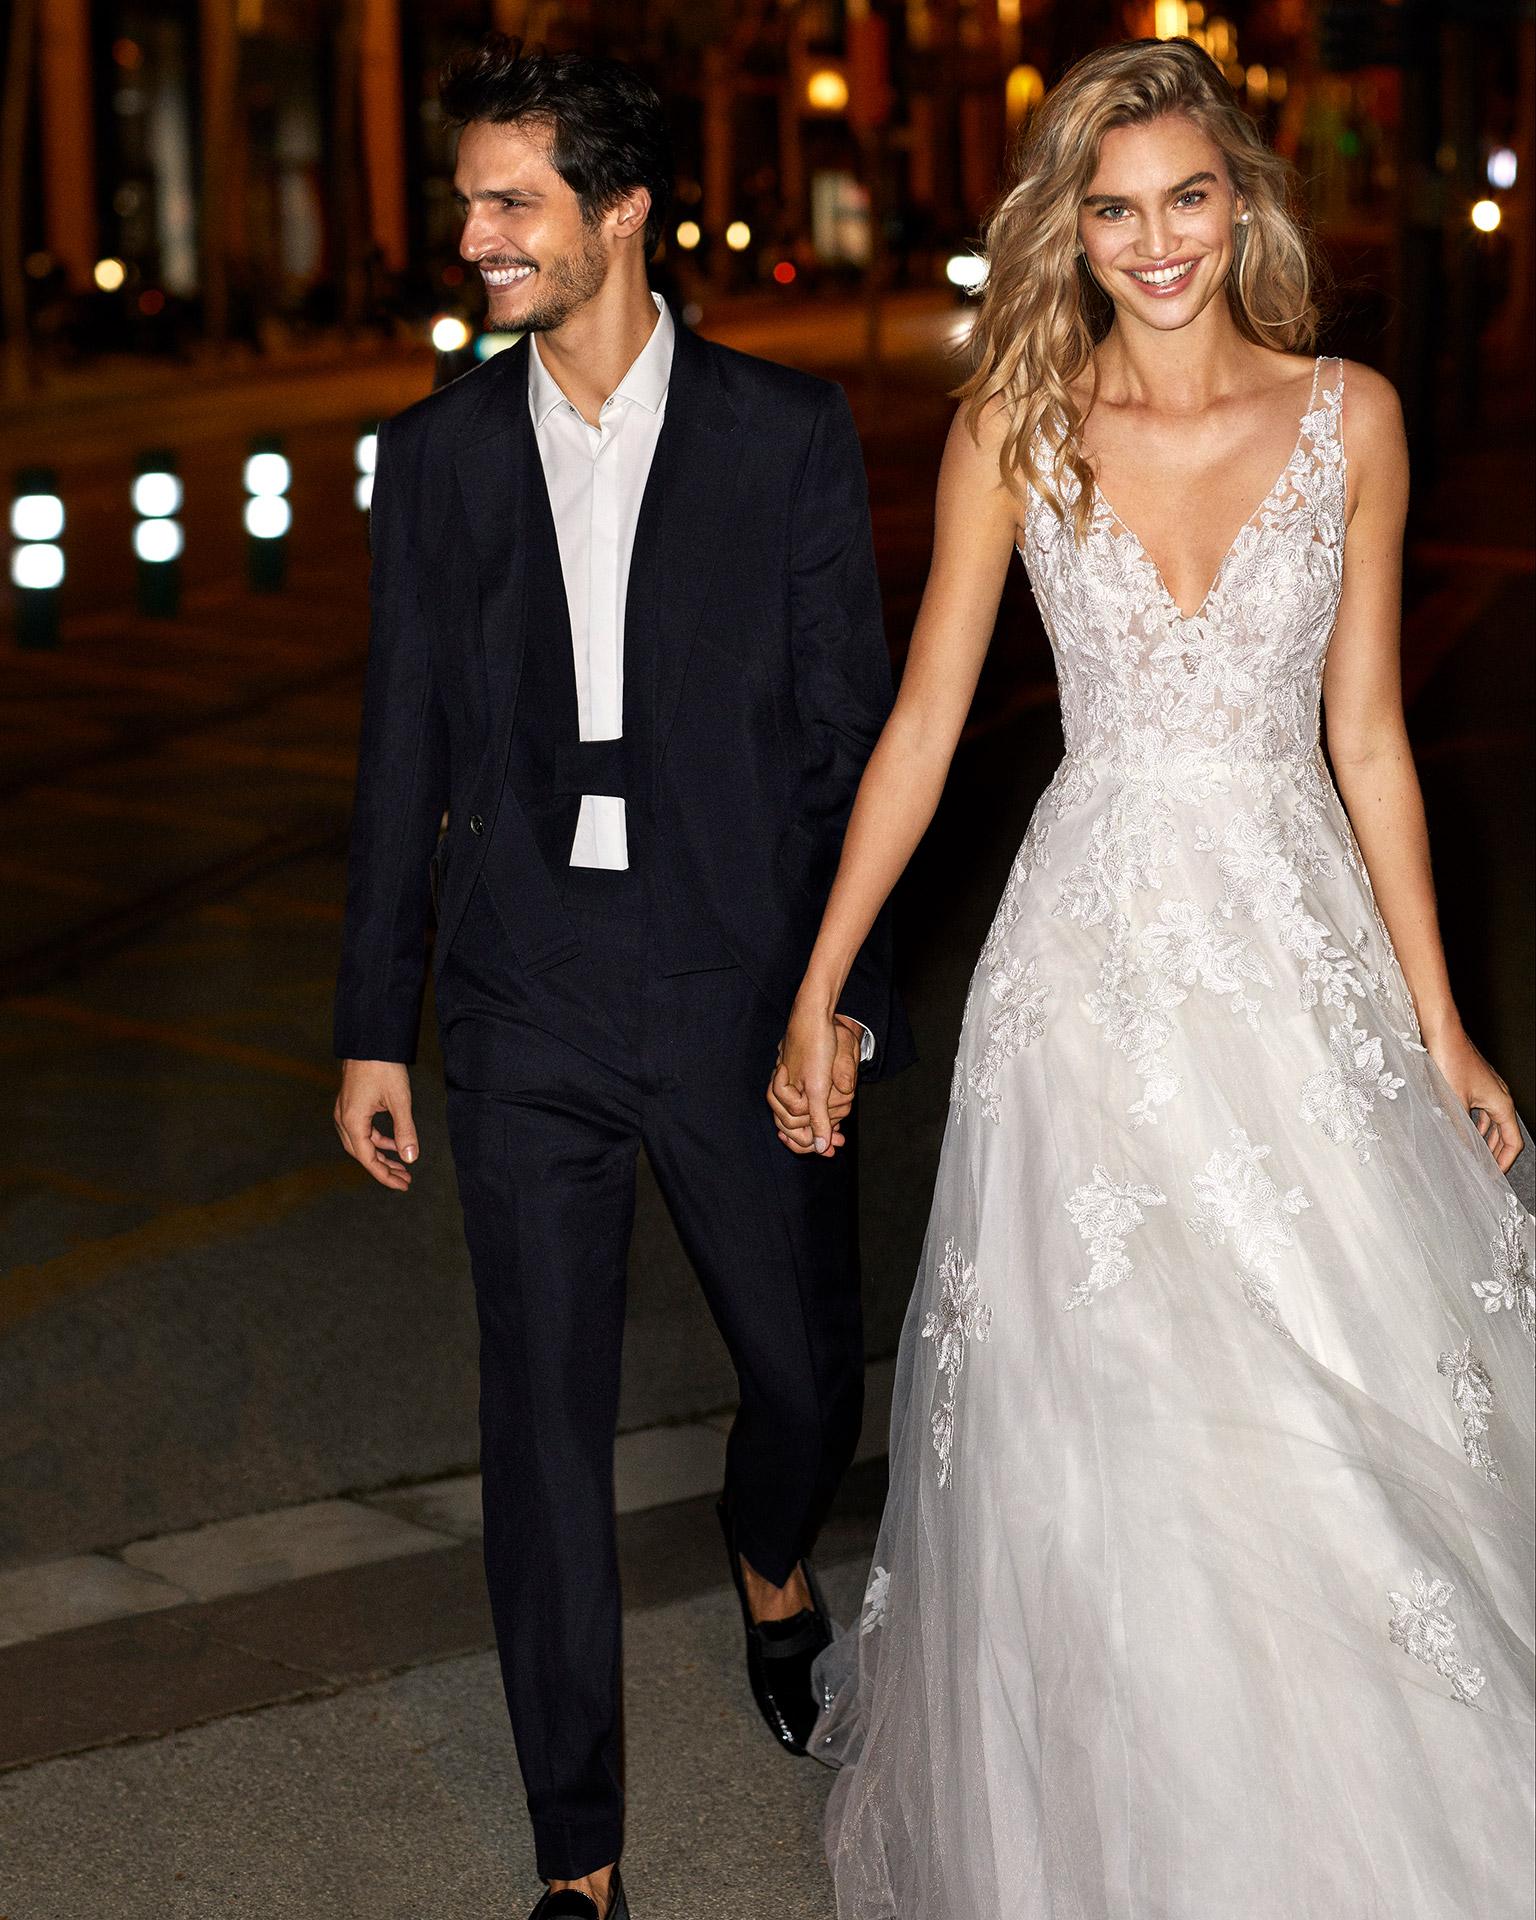 Vestido de novia de estilo romántico de encaje y tul con escote y sisa pedrería con escote y espalda en V y falda volumen. Colección  2020.